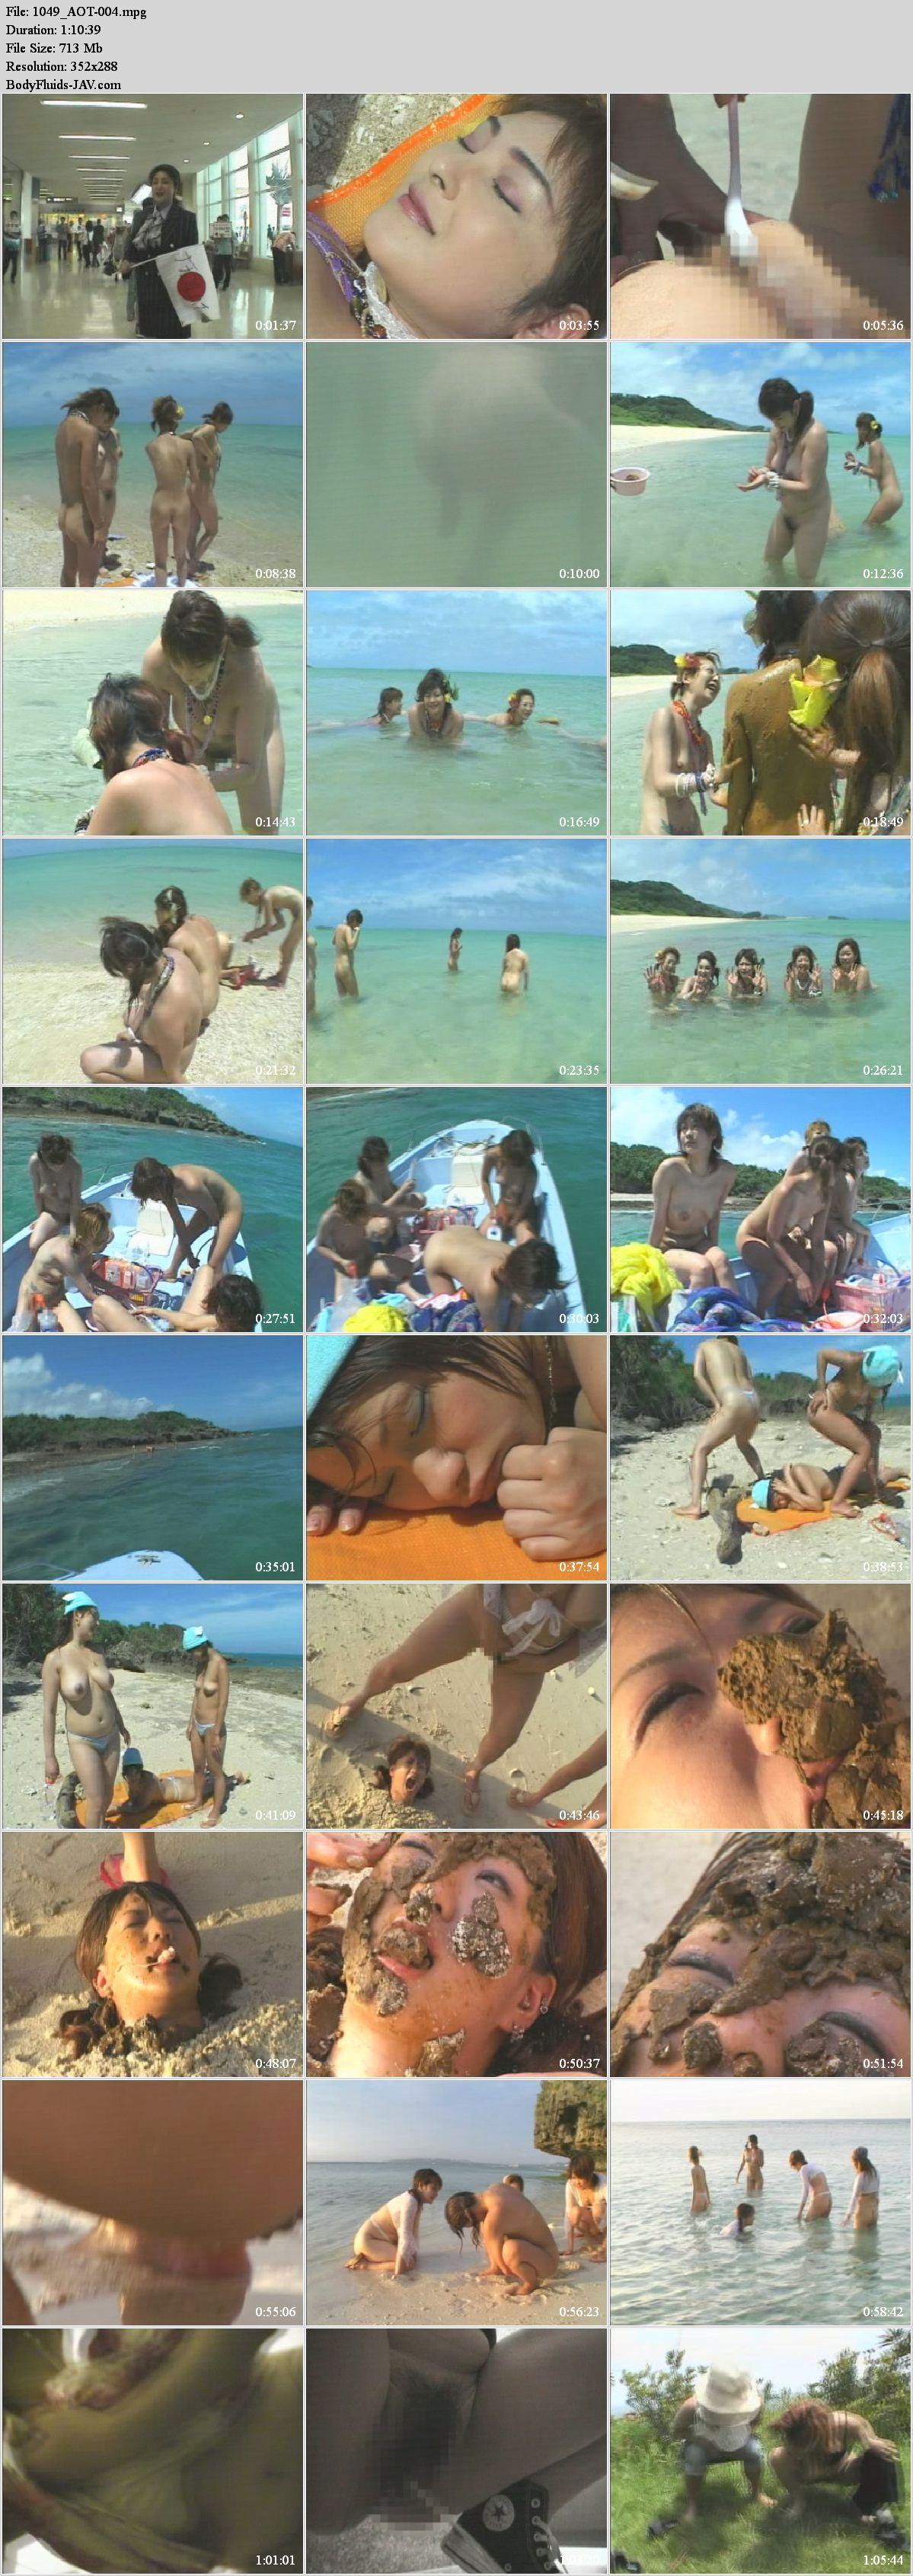 AOT-004 Lesbian scat orgy on the beach.